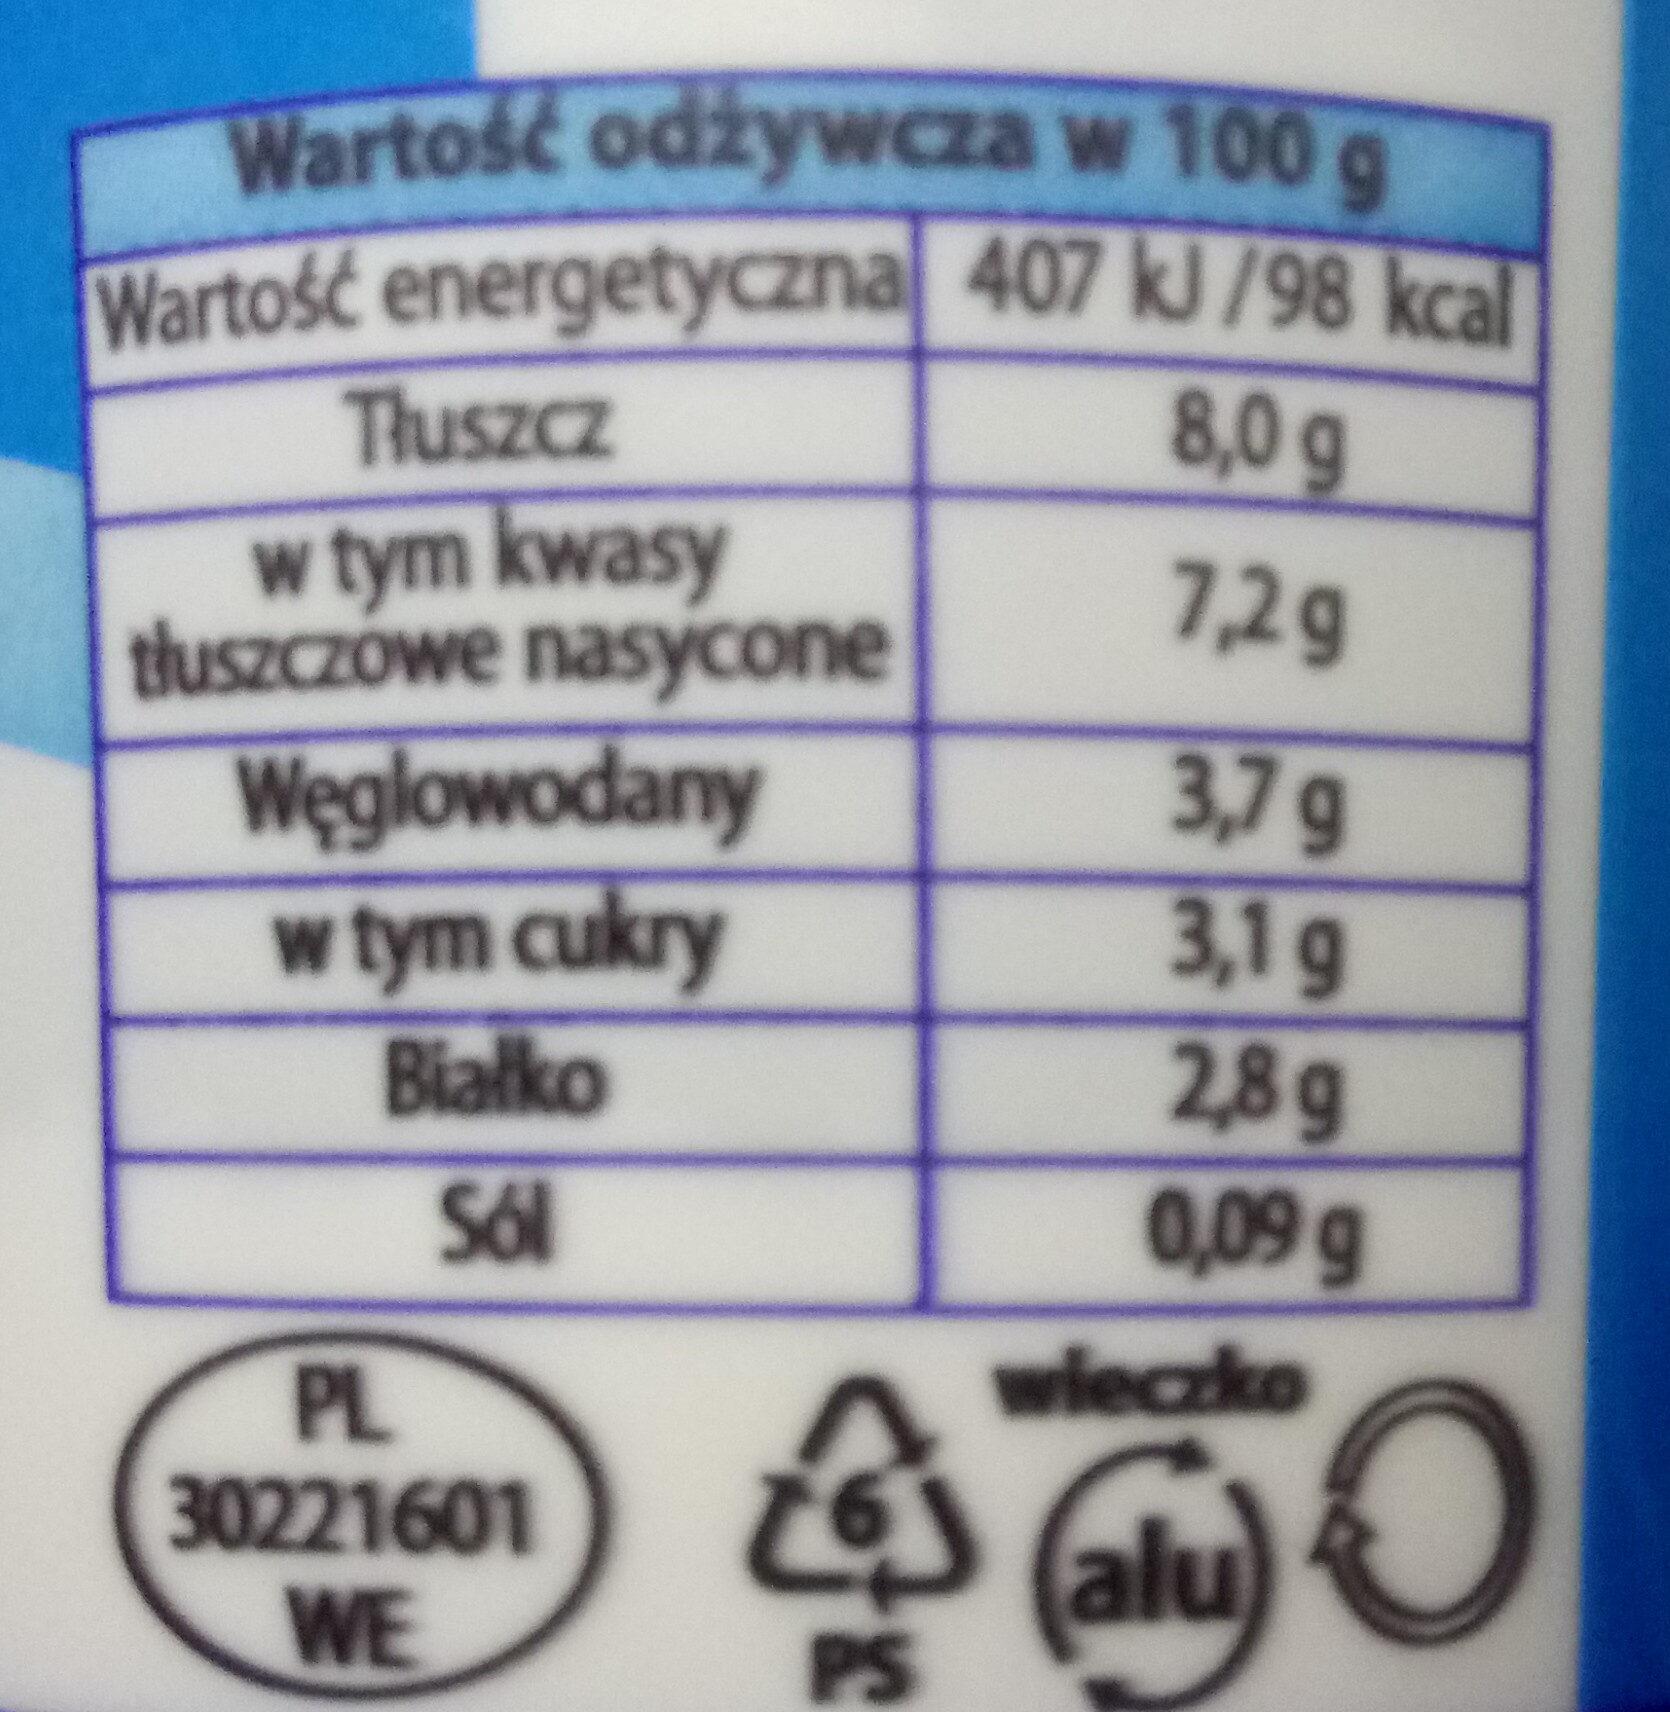 Jogurt typu greckiego - Wartości odżywcze